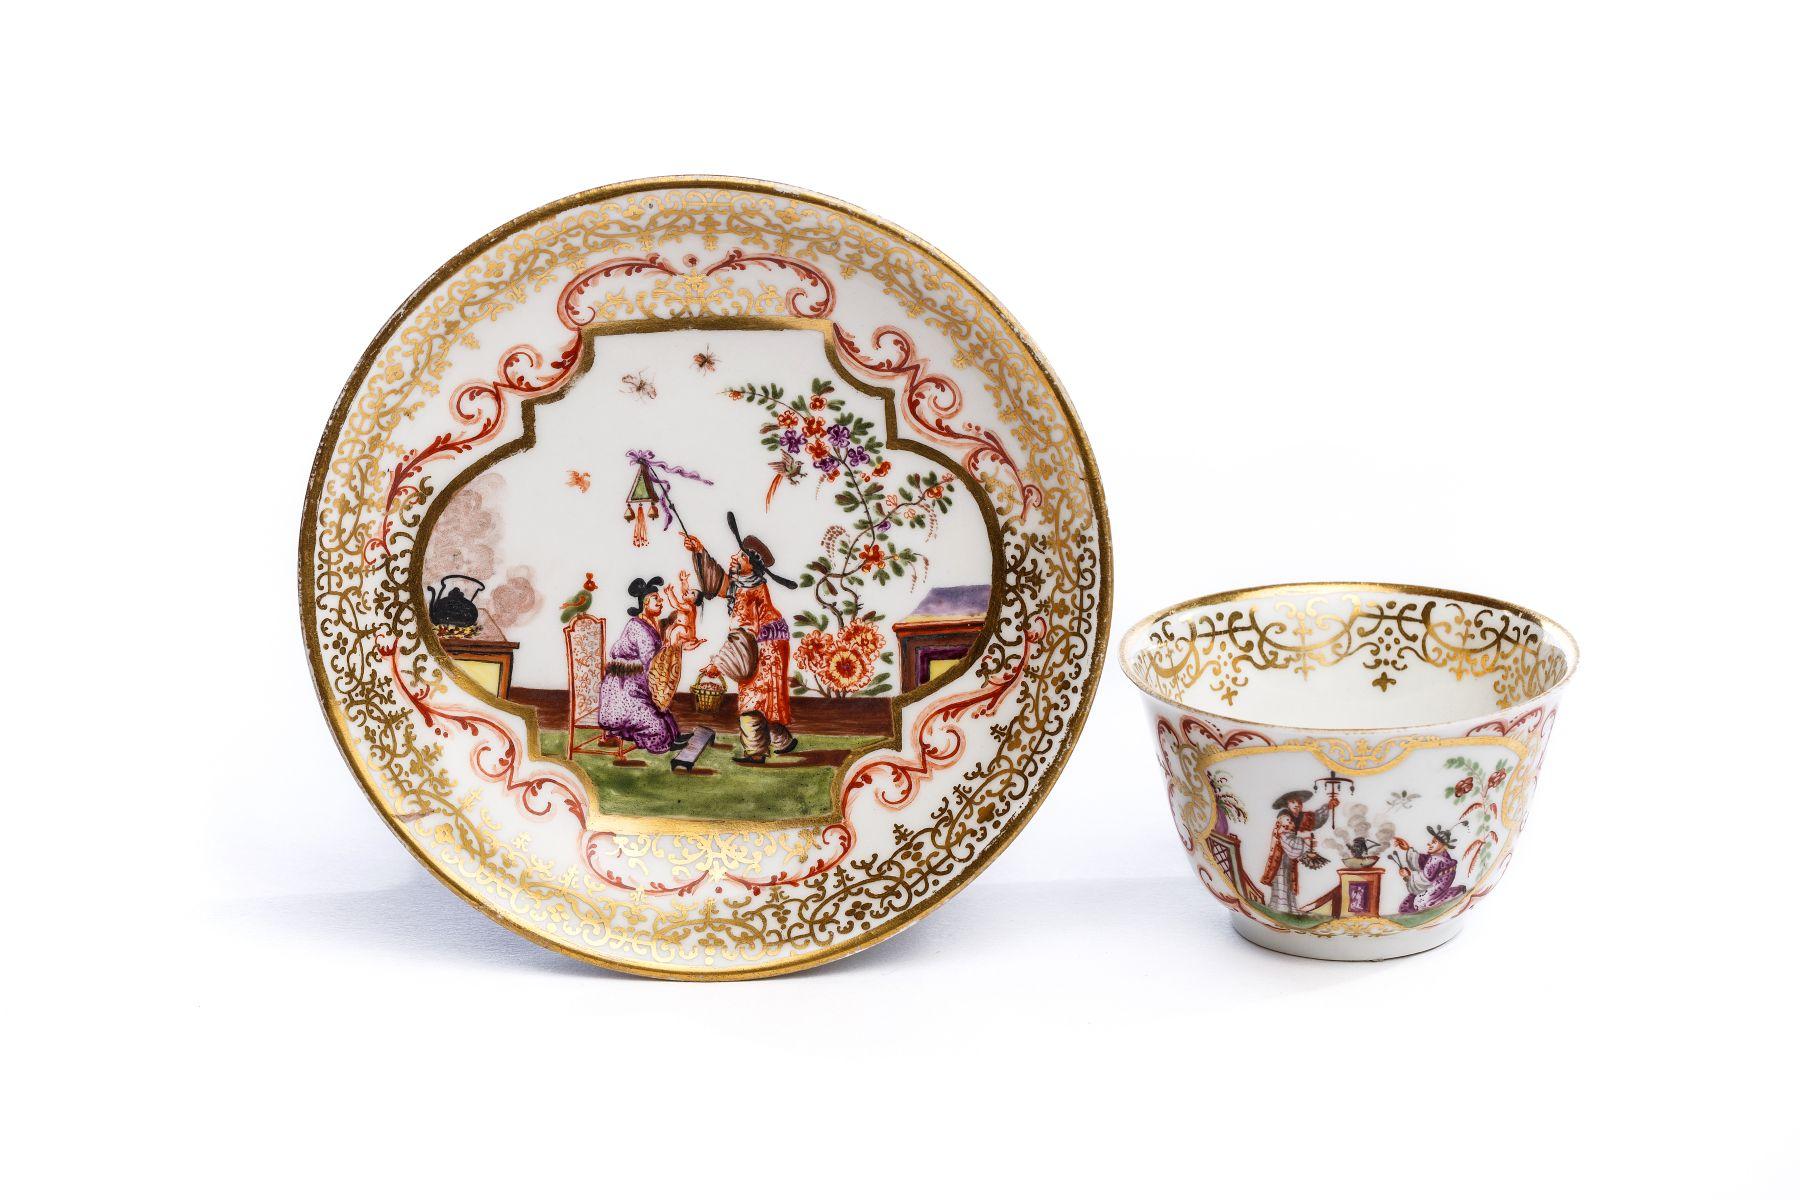 #40 Bowl with Saucer, Meissen 1725 | Koppchen mit Unterschale, Meissen 1725, Image